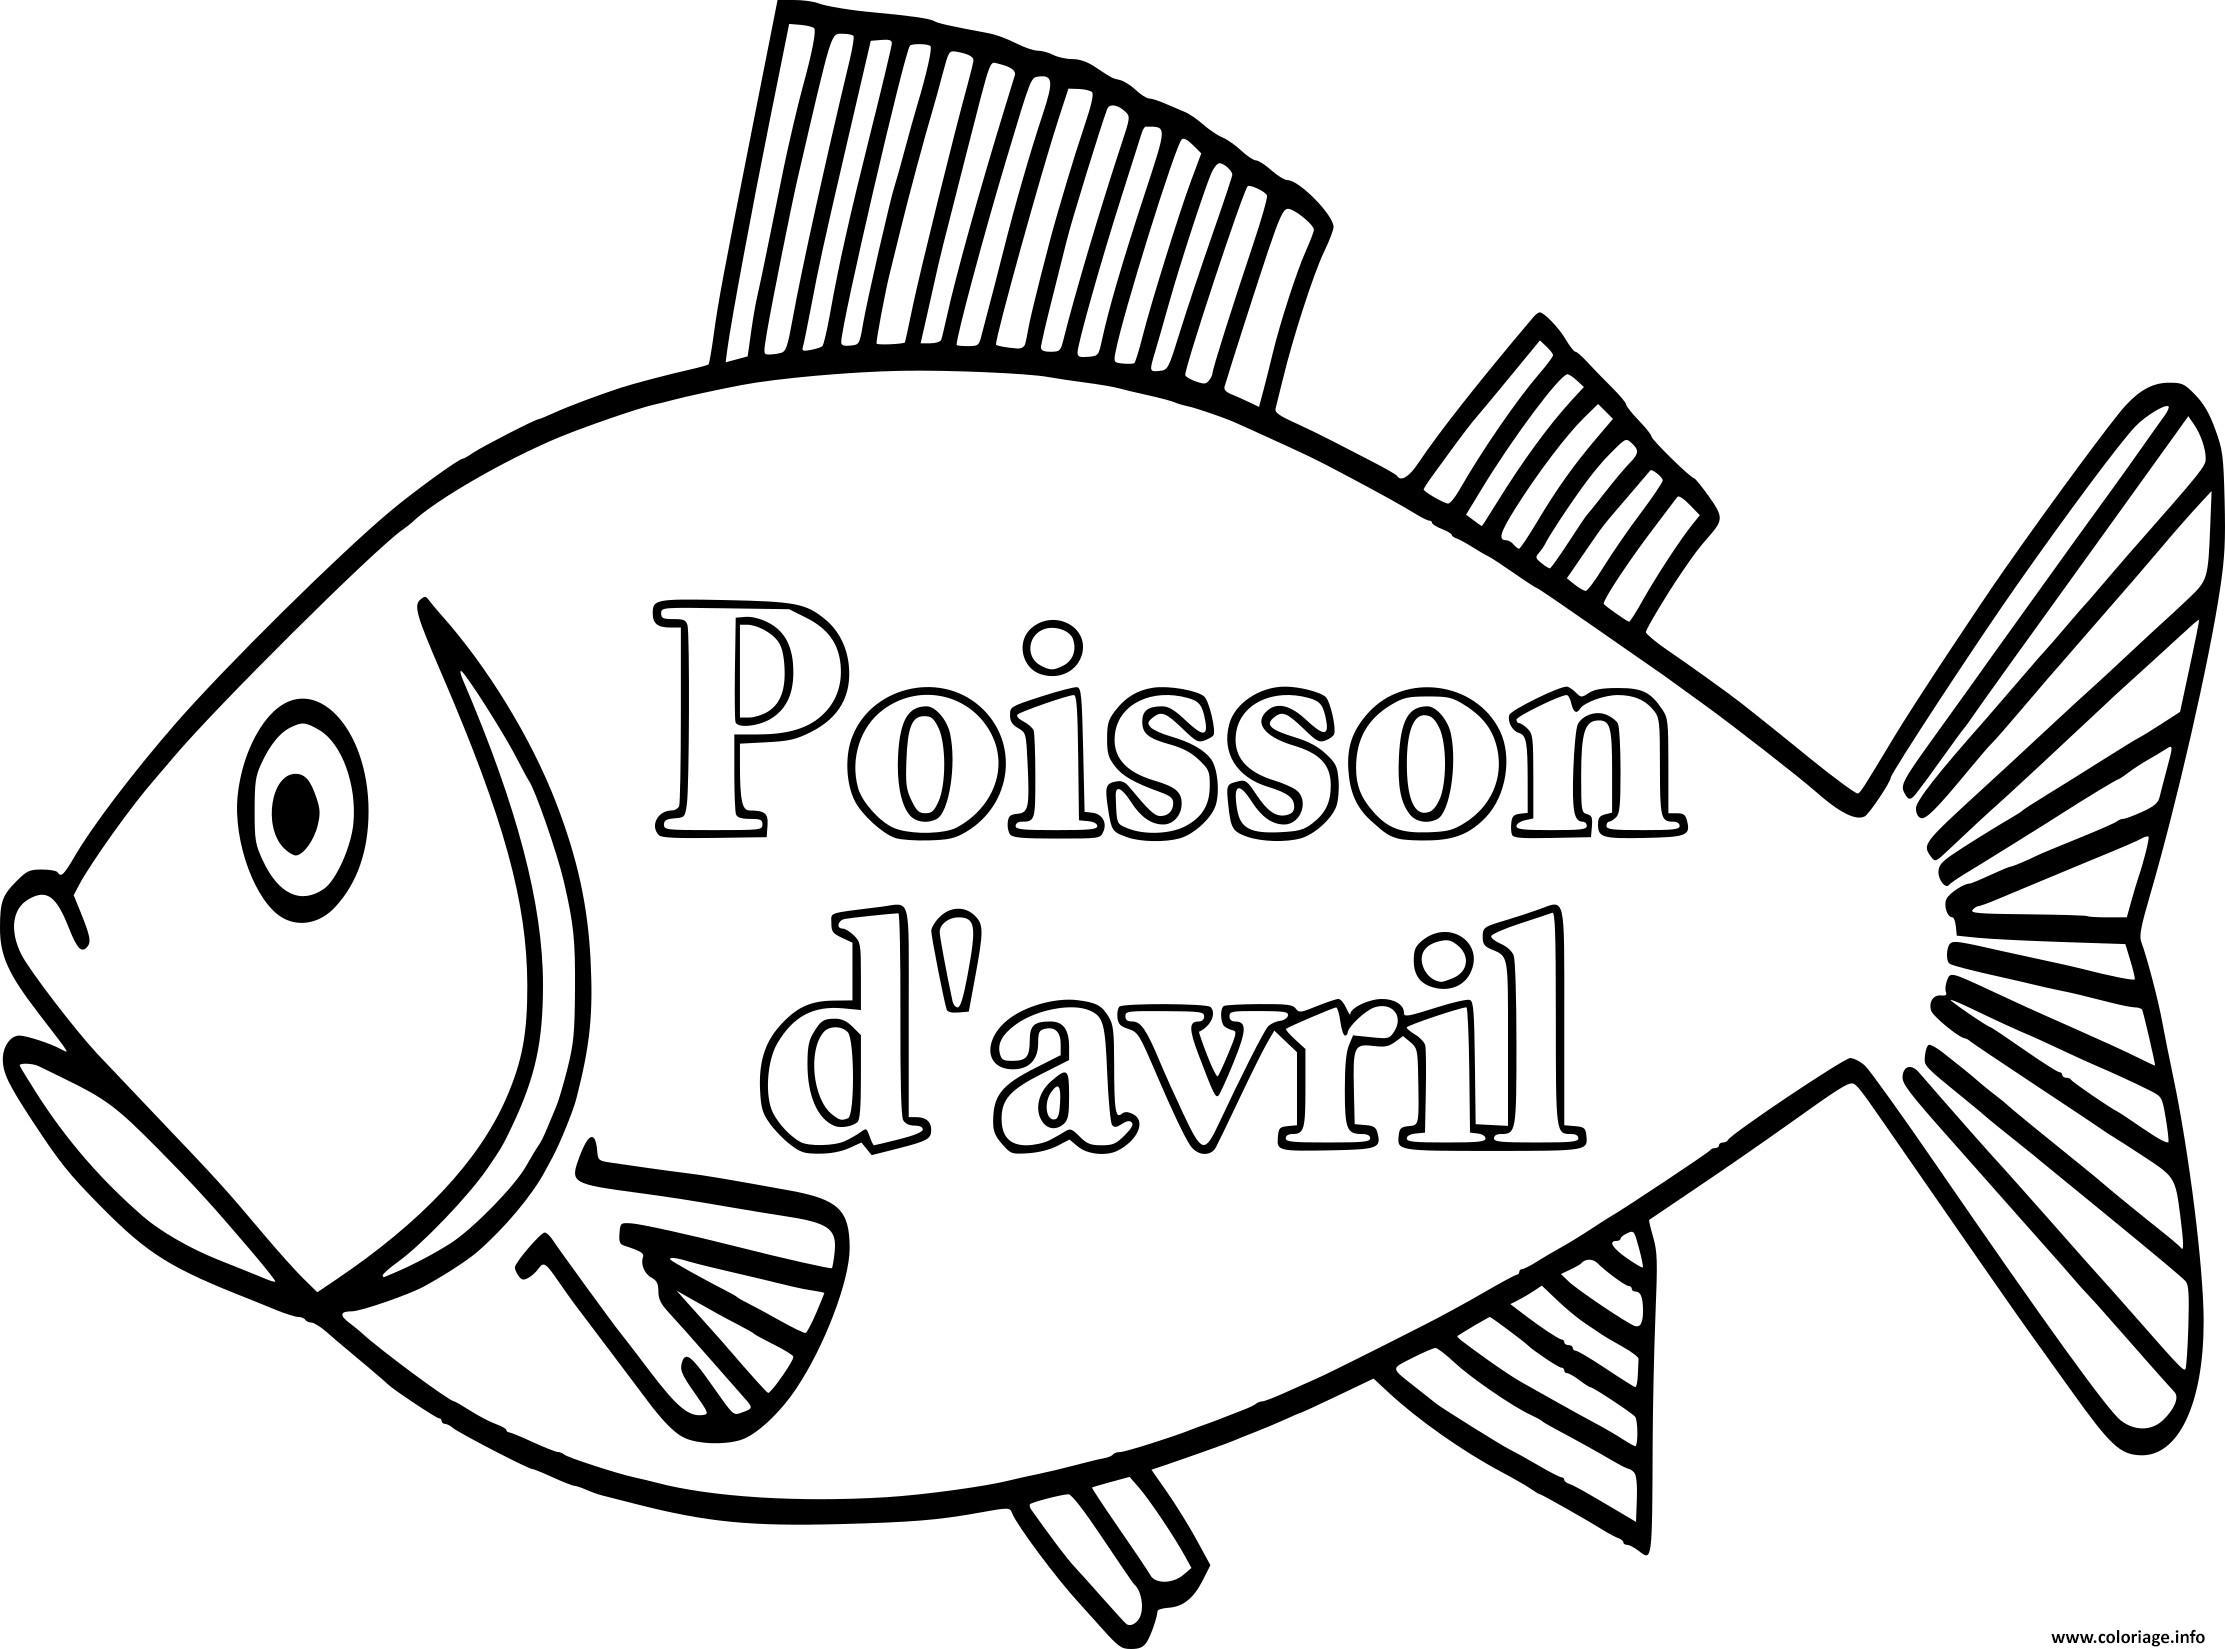 Coloriage Poisson Davril En Ligne.Coloriage Grand Poisson Davril Dessin